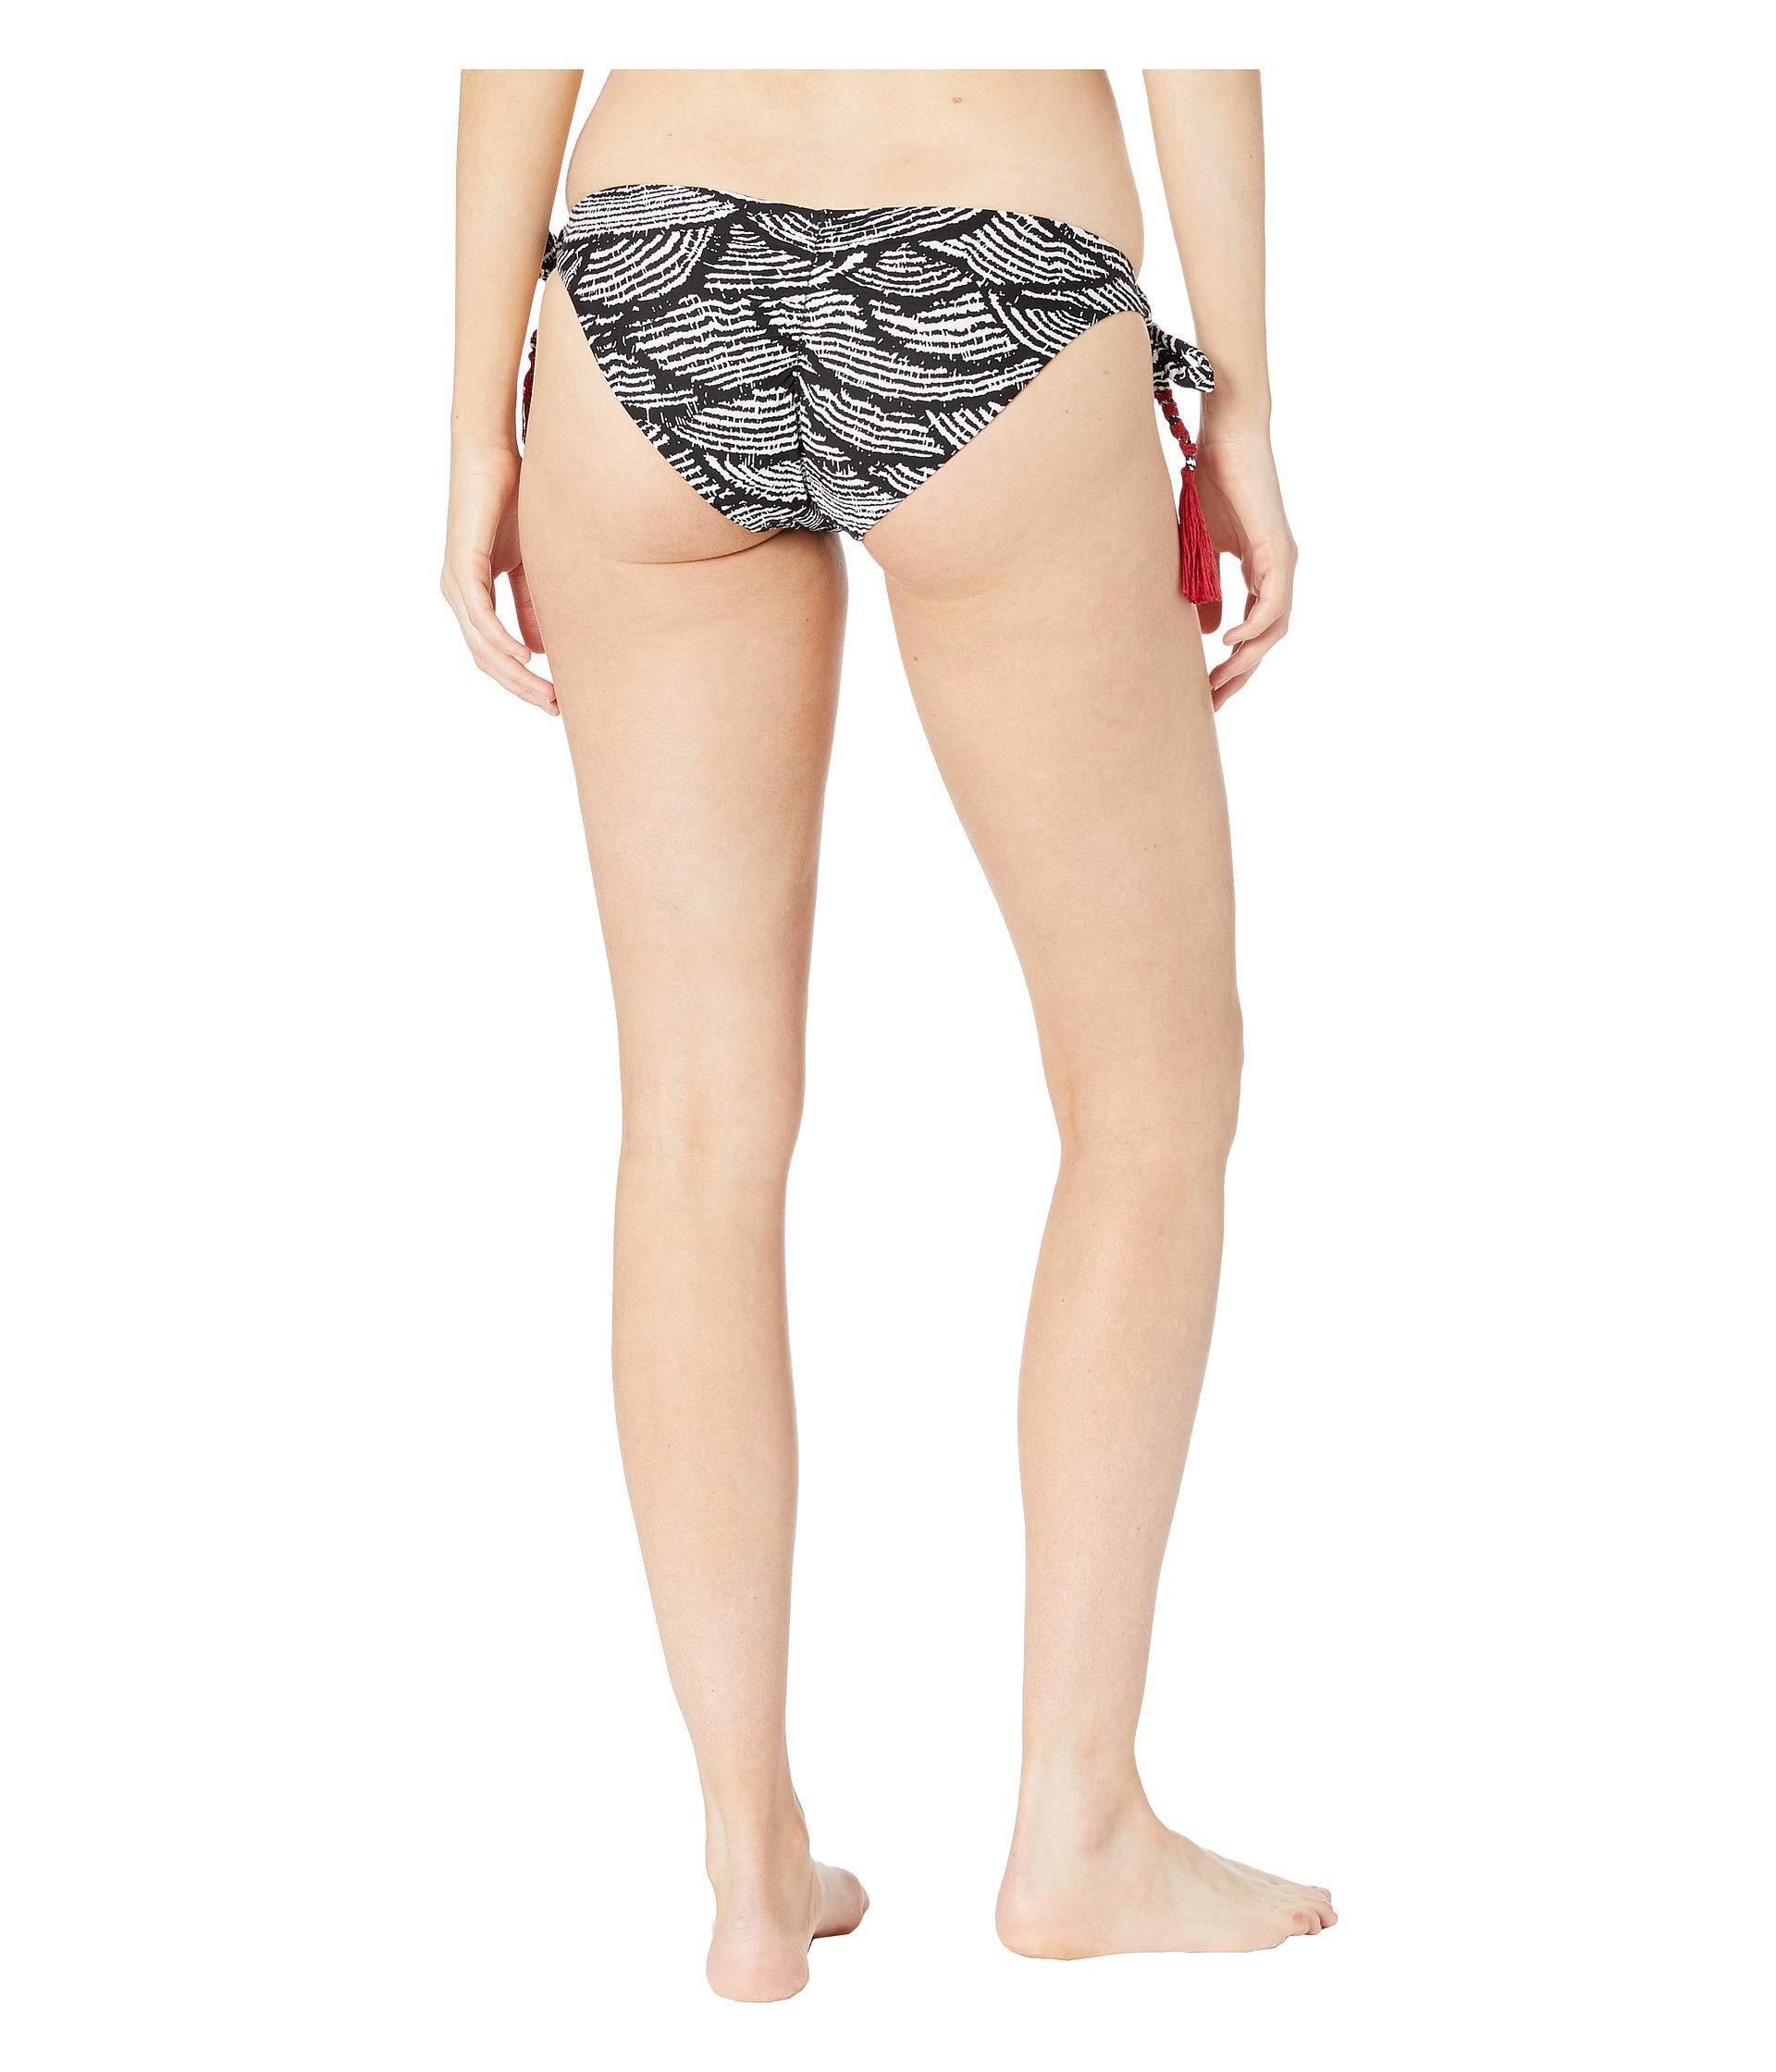 bdde7c2a2773f Lyst - Becca Bodhi Tree Tie Side (multi) Women's Swimwear